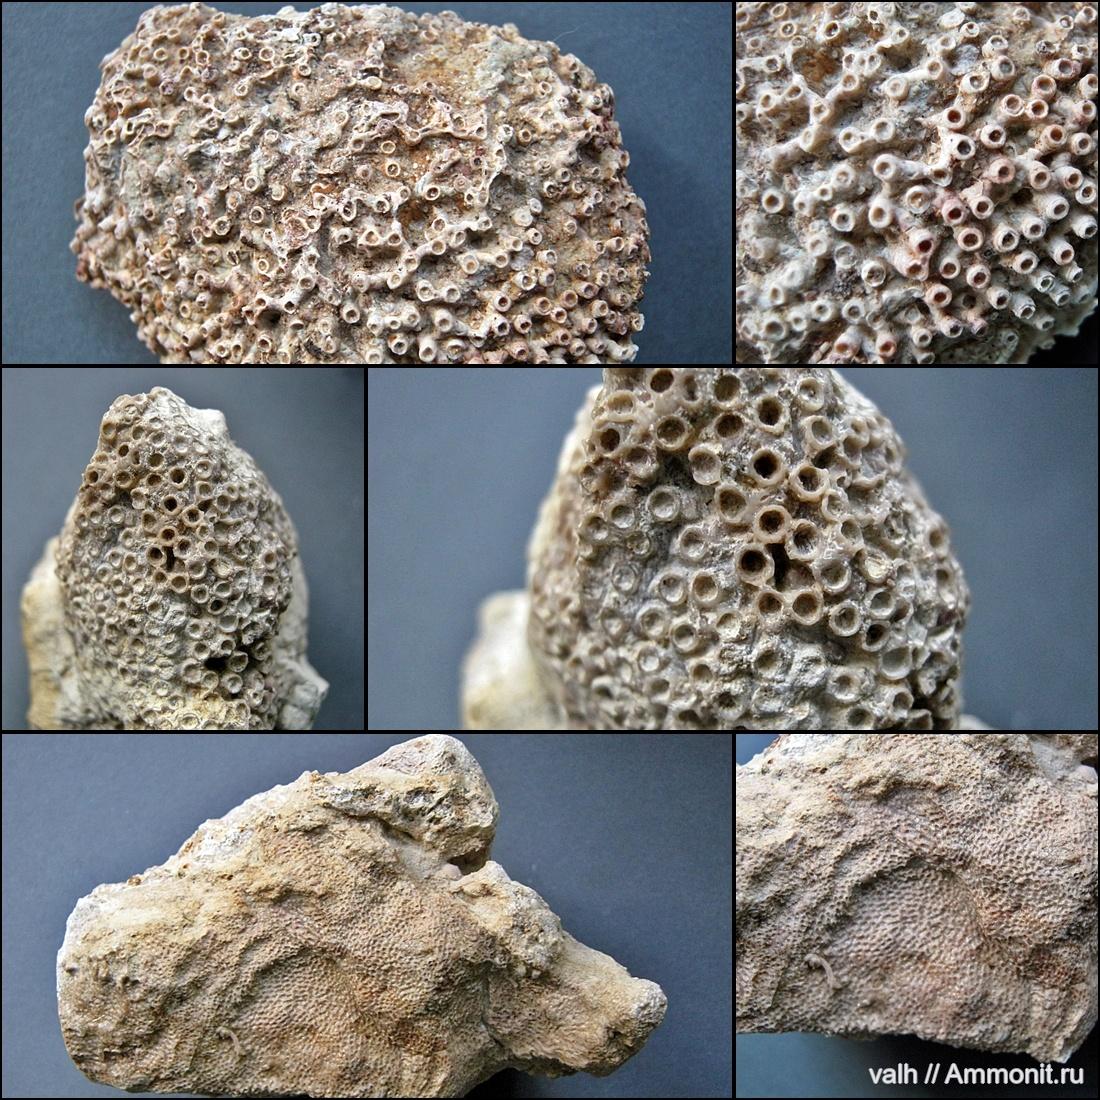 1 - ругозы (а - lonsdaleia; б - calceola, вверху над кораллитом крышечка); 2 - табуляты (а - syringopora